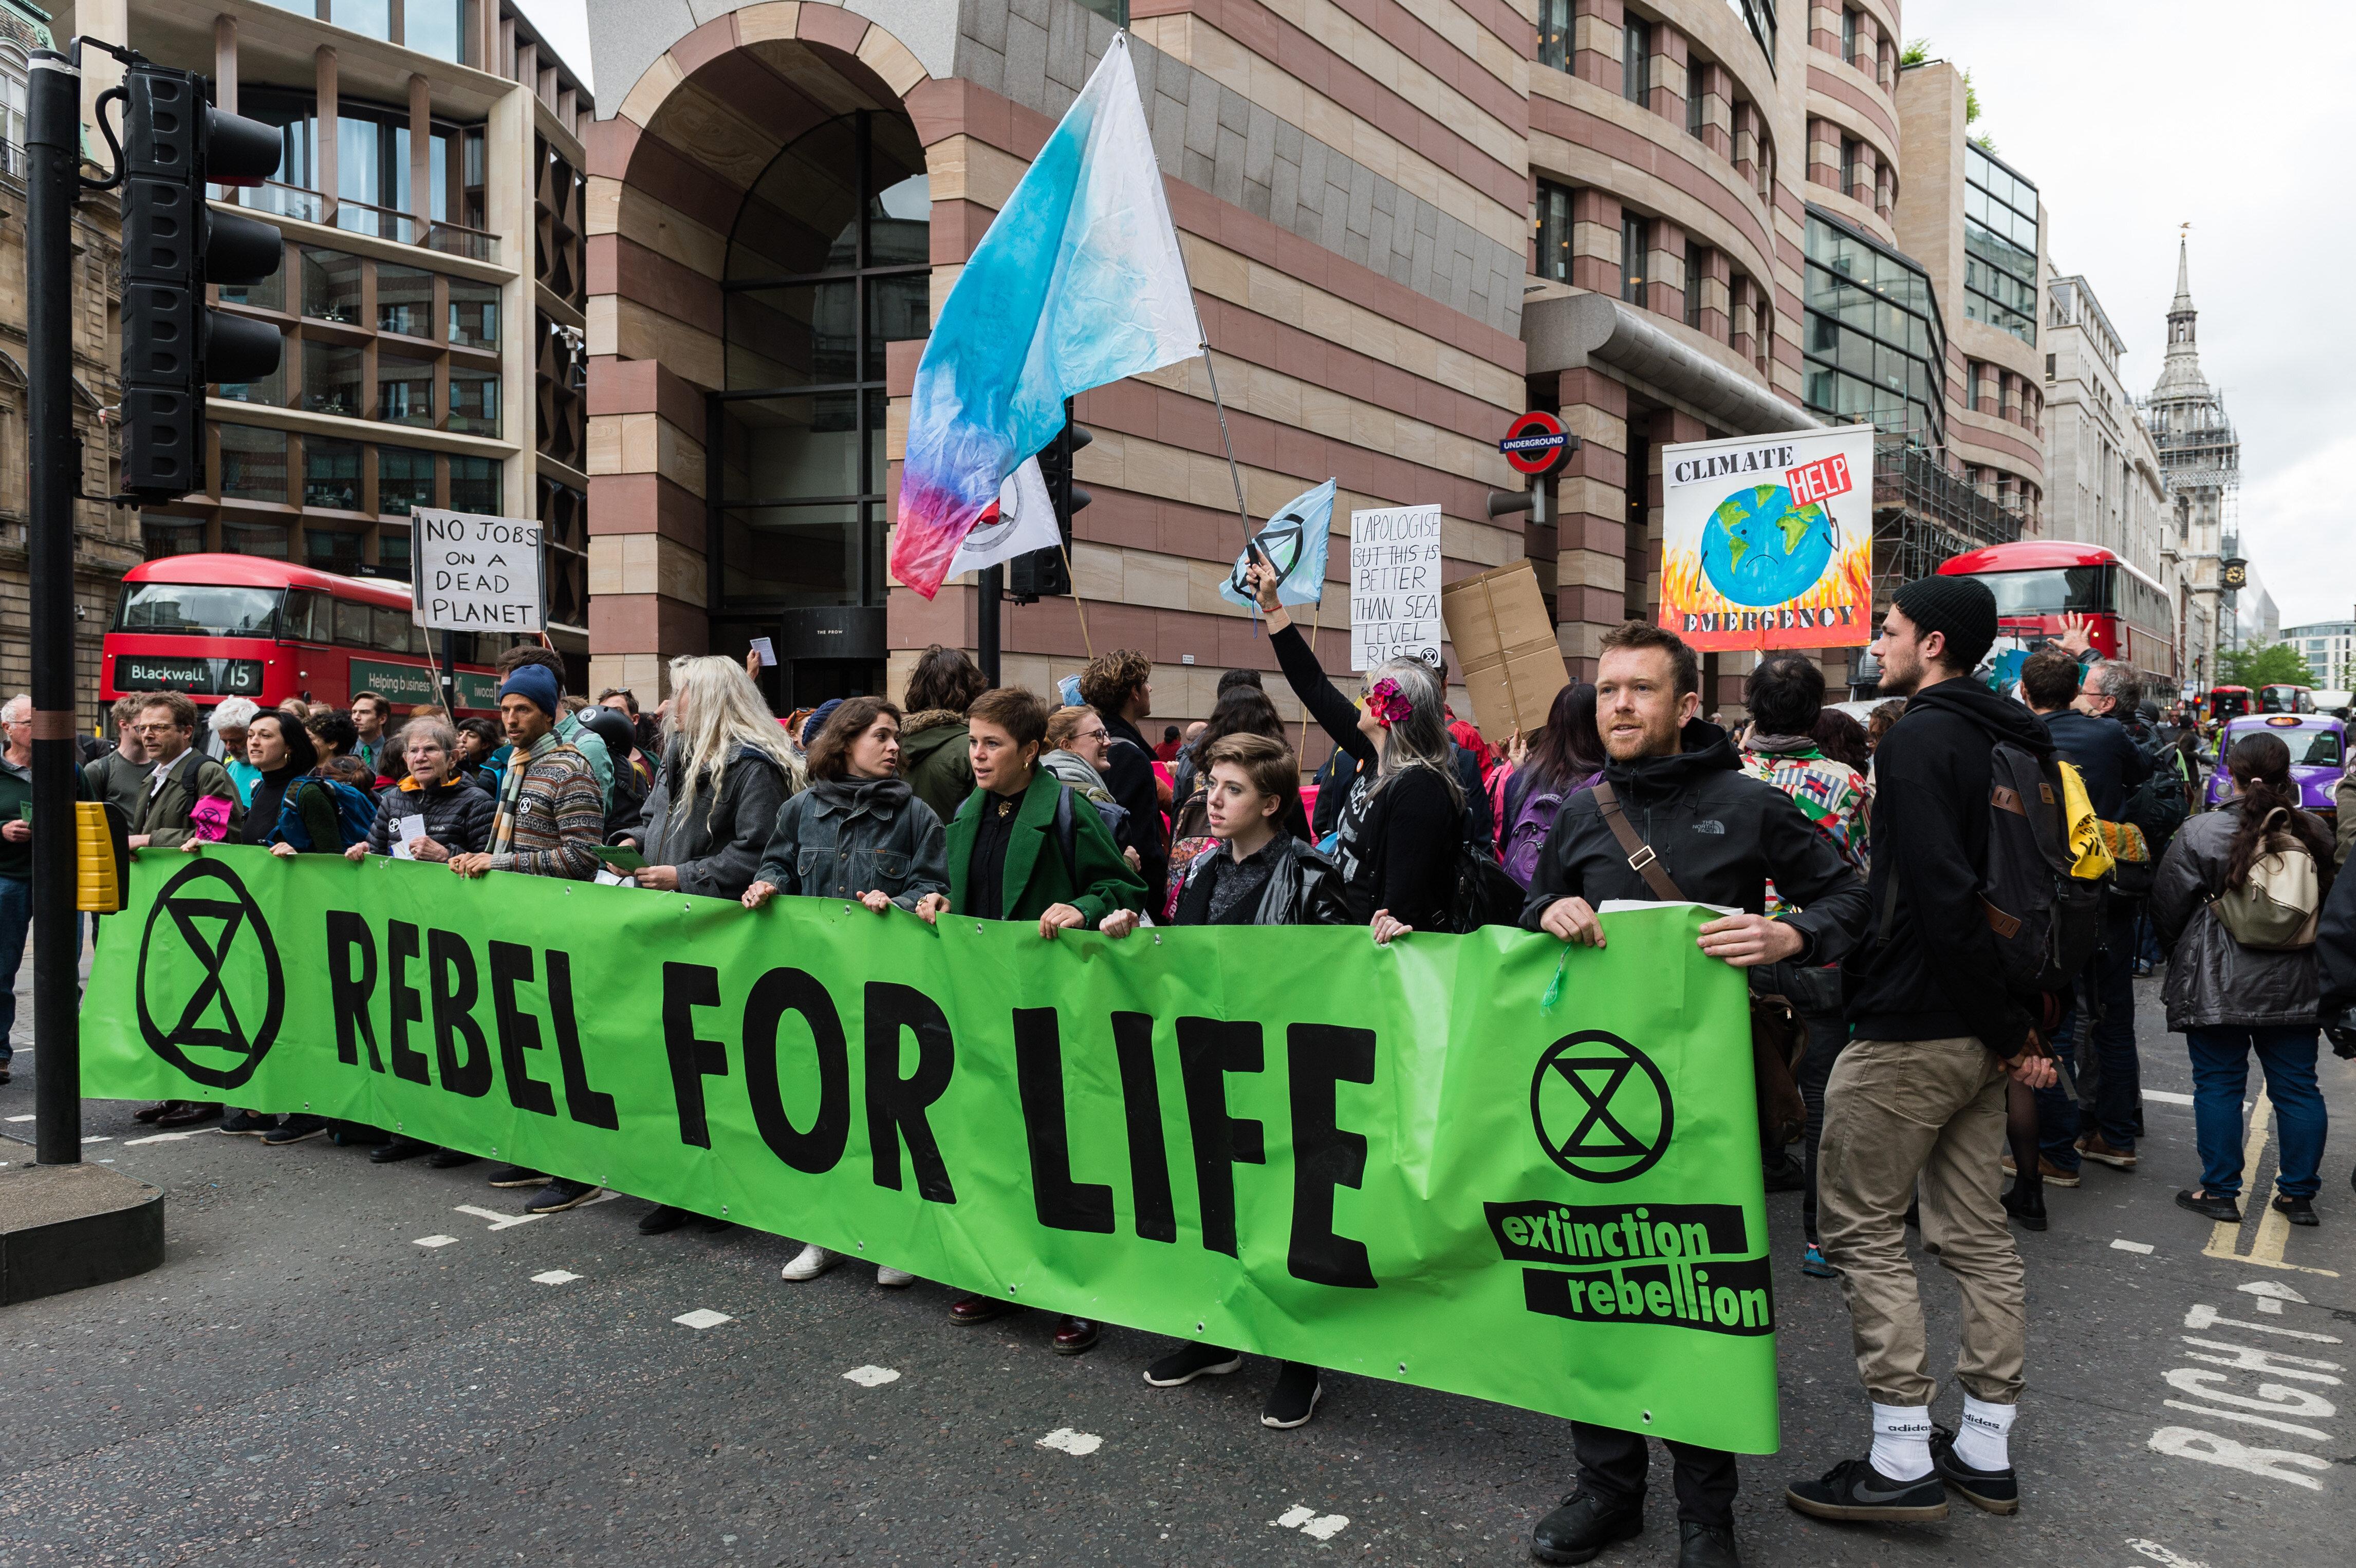 Λονδίνο: Αναστολή των κινητοποιήσεων τους ανακοίνωσαν οι Extinction